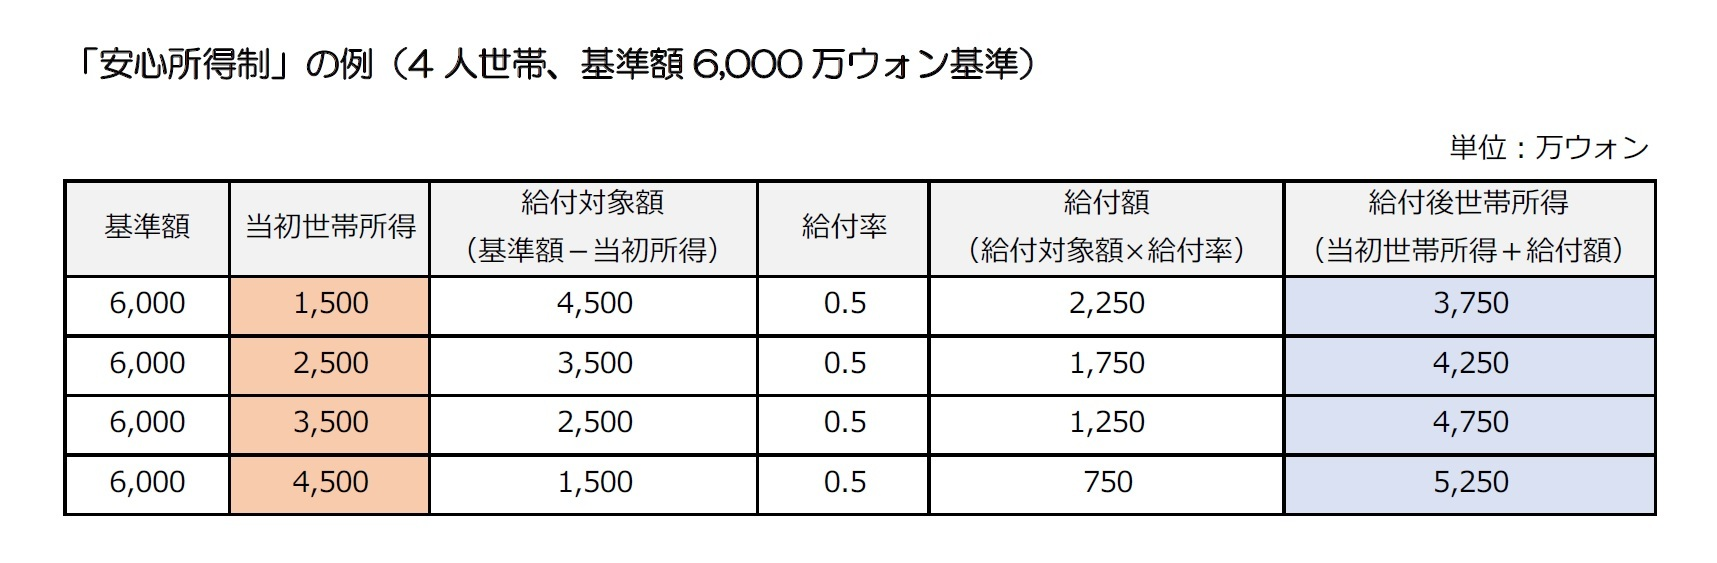 「安心所得制」の例(4人世帯、基準額6,000万ウォン基準)